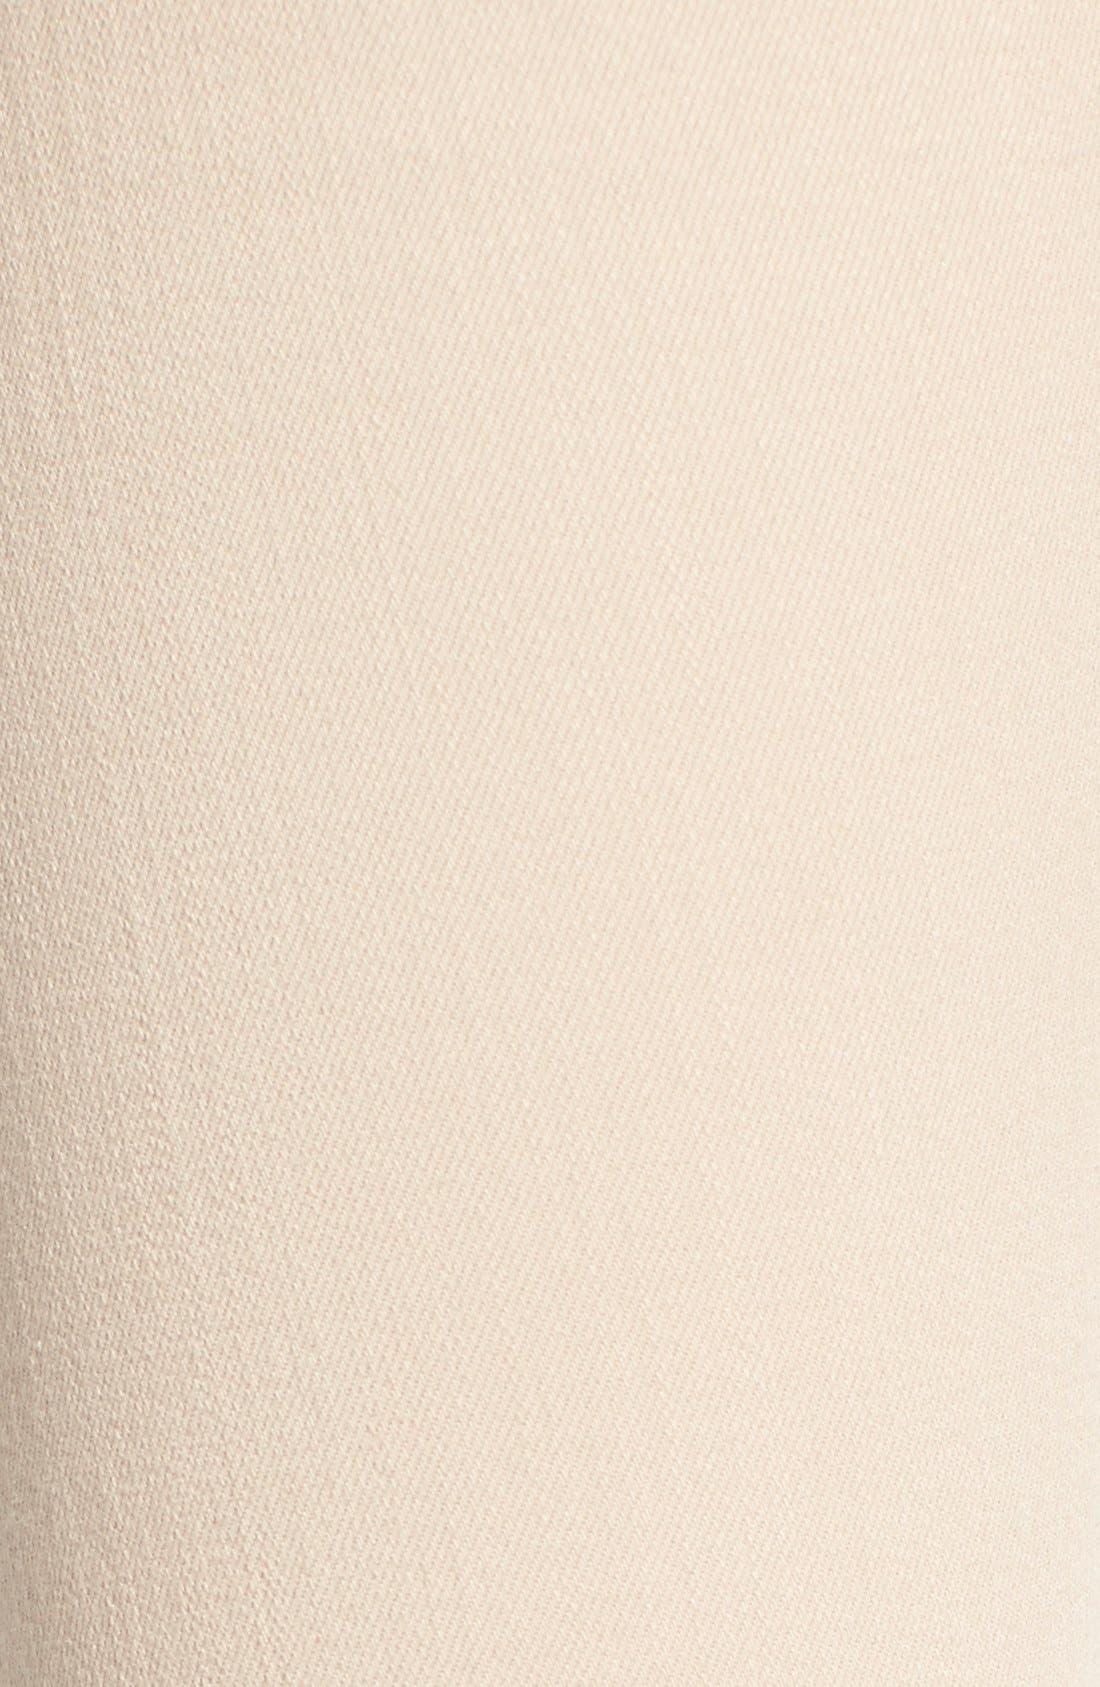 Alternate Image 5  - Hudson Jeans 'Jodi' Flare Jeans (Parachute Khaki)